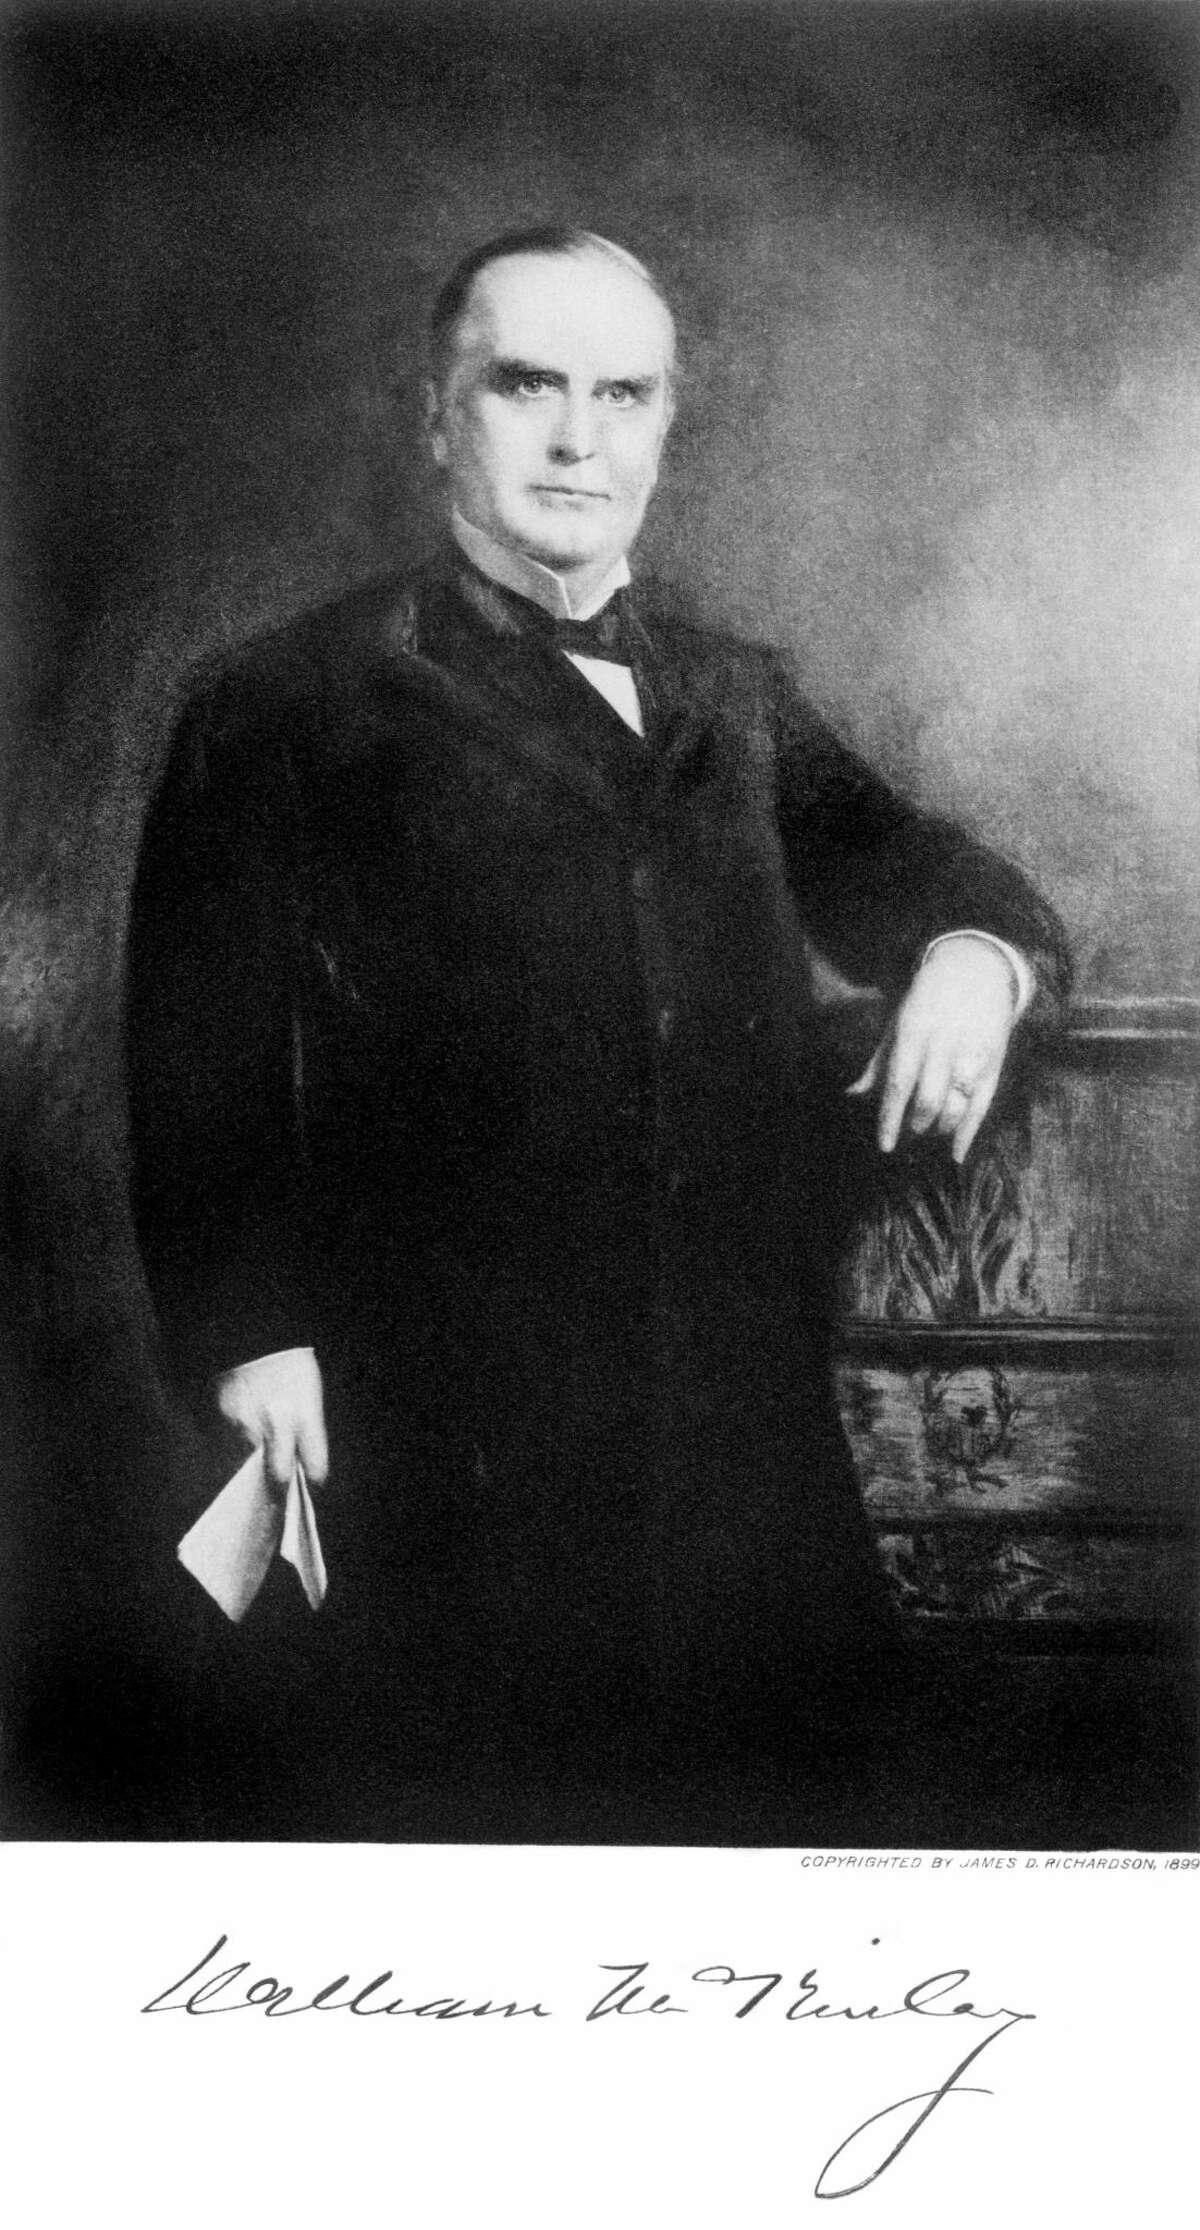 An 1890s-era portrait of 25th U.S. president William McKinley.